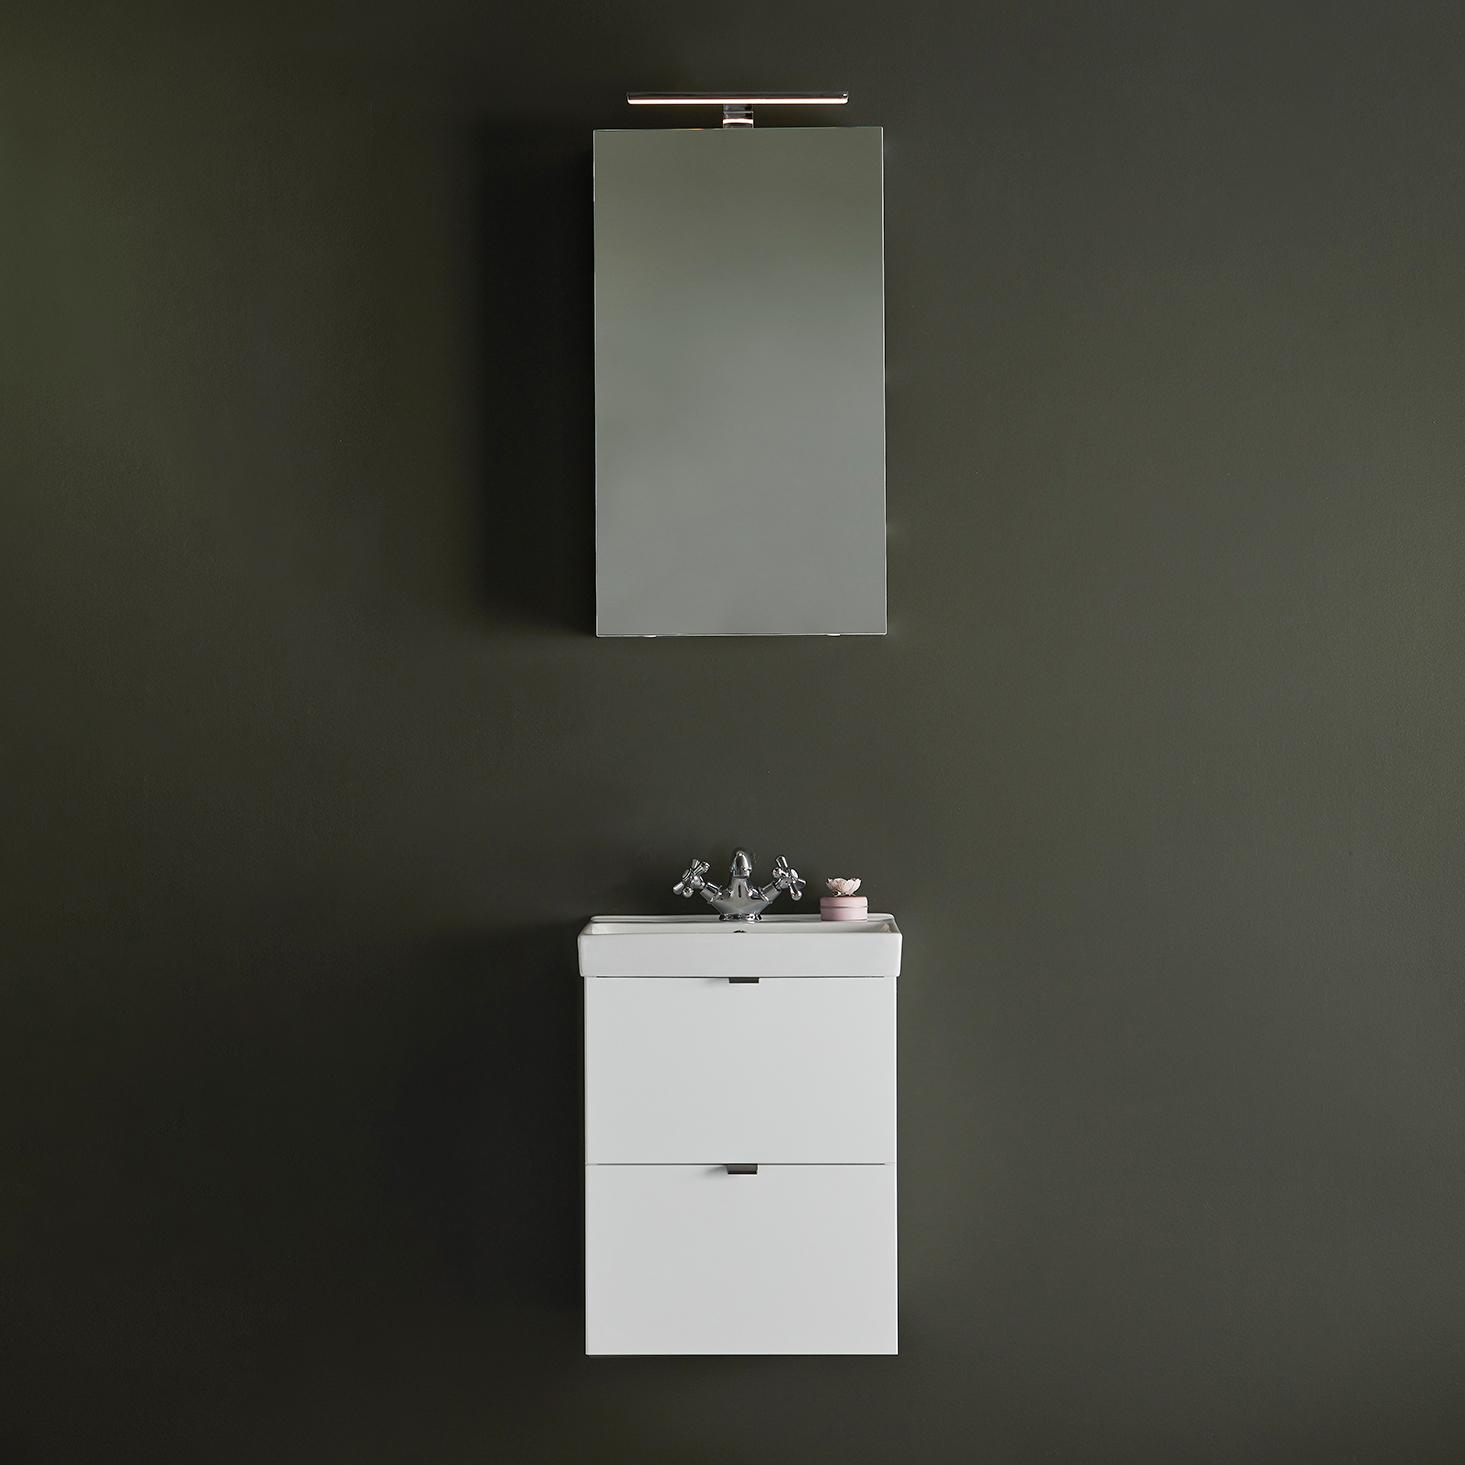 Tvättställsskåp Hafa Neat 420